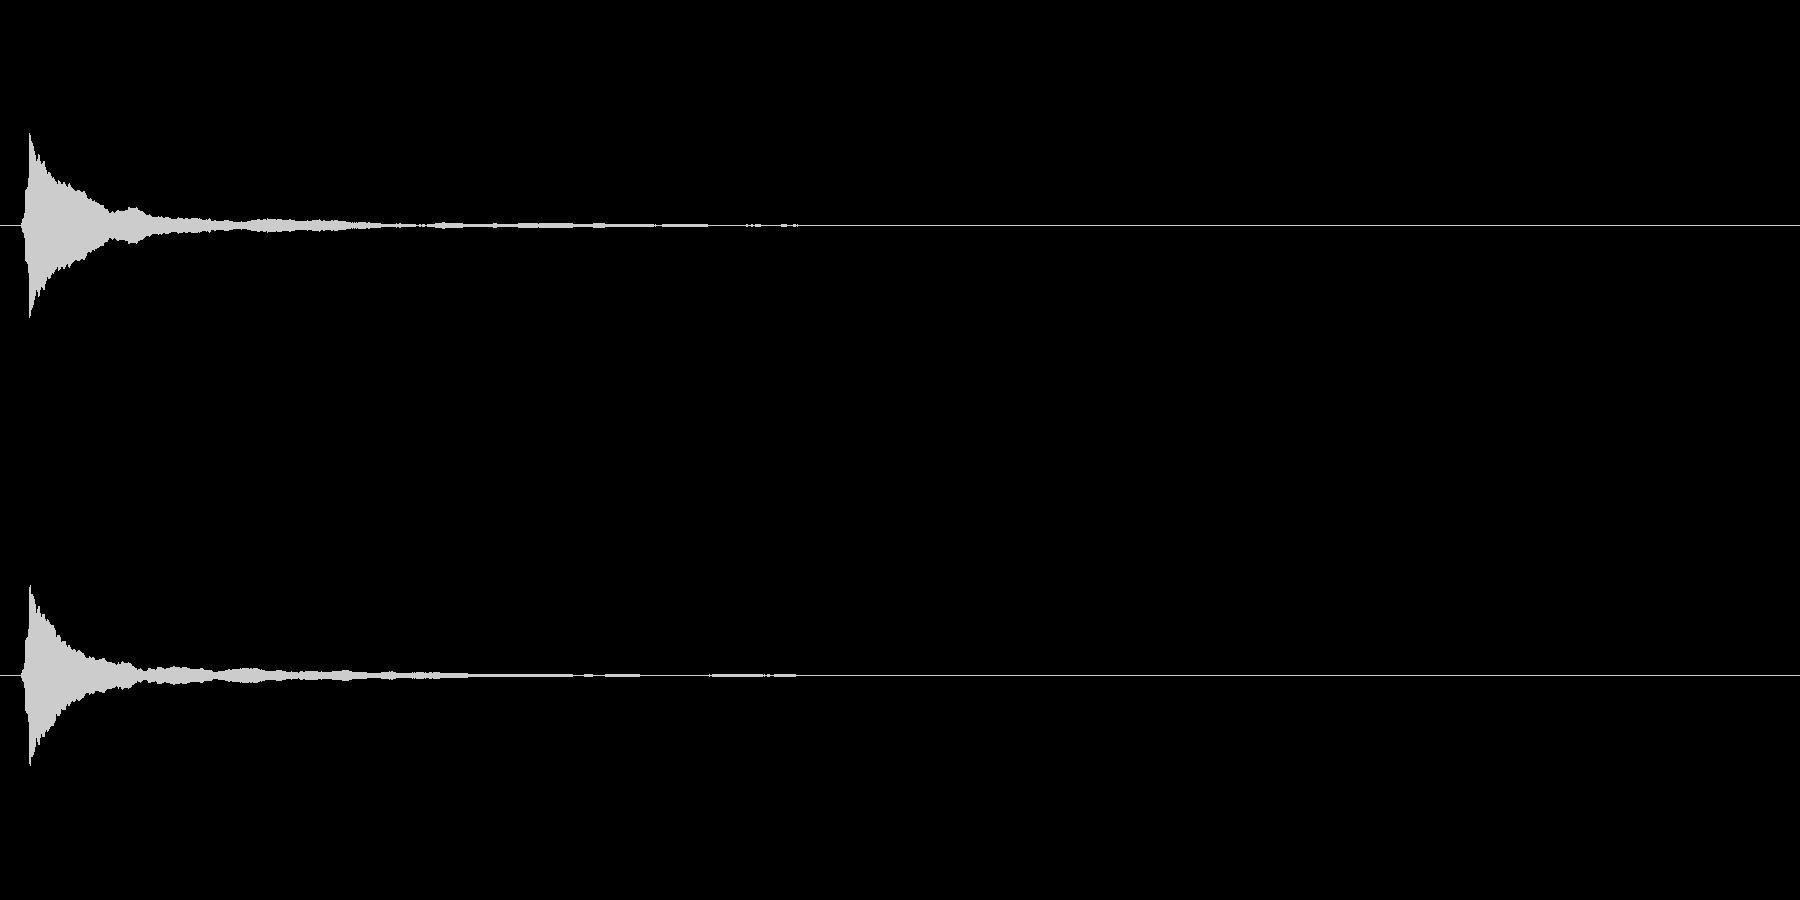 キラキラ系_071の未再生の波形